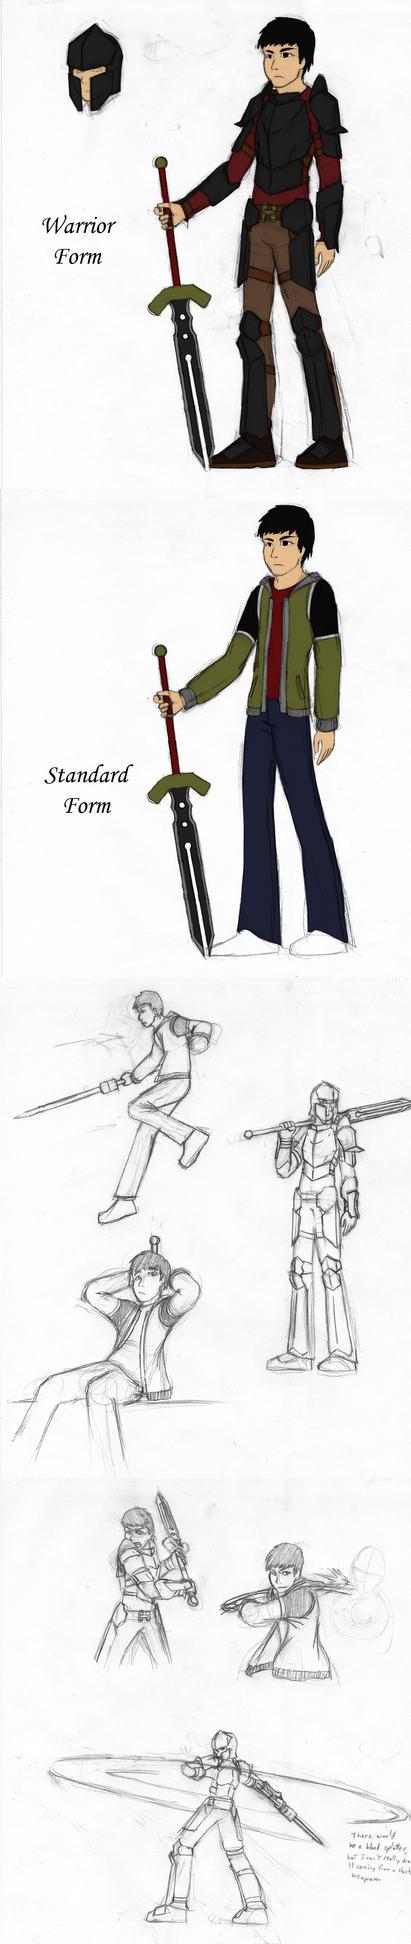 The Dancing Sword Sketches by Dancing-Sword